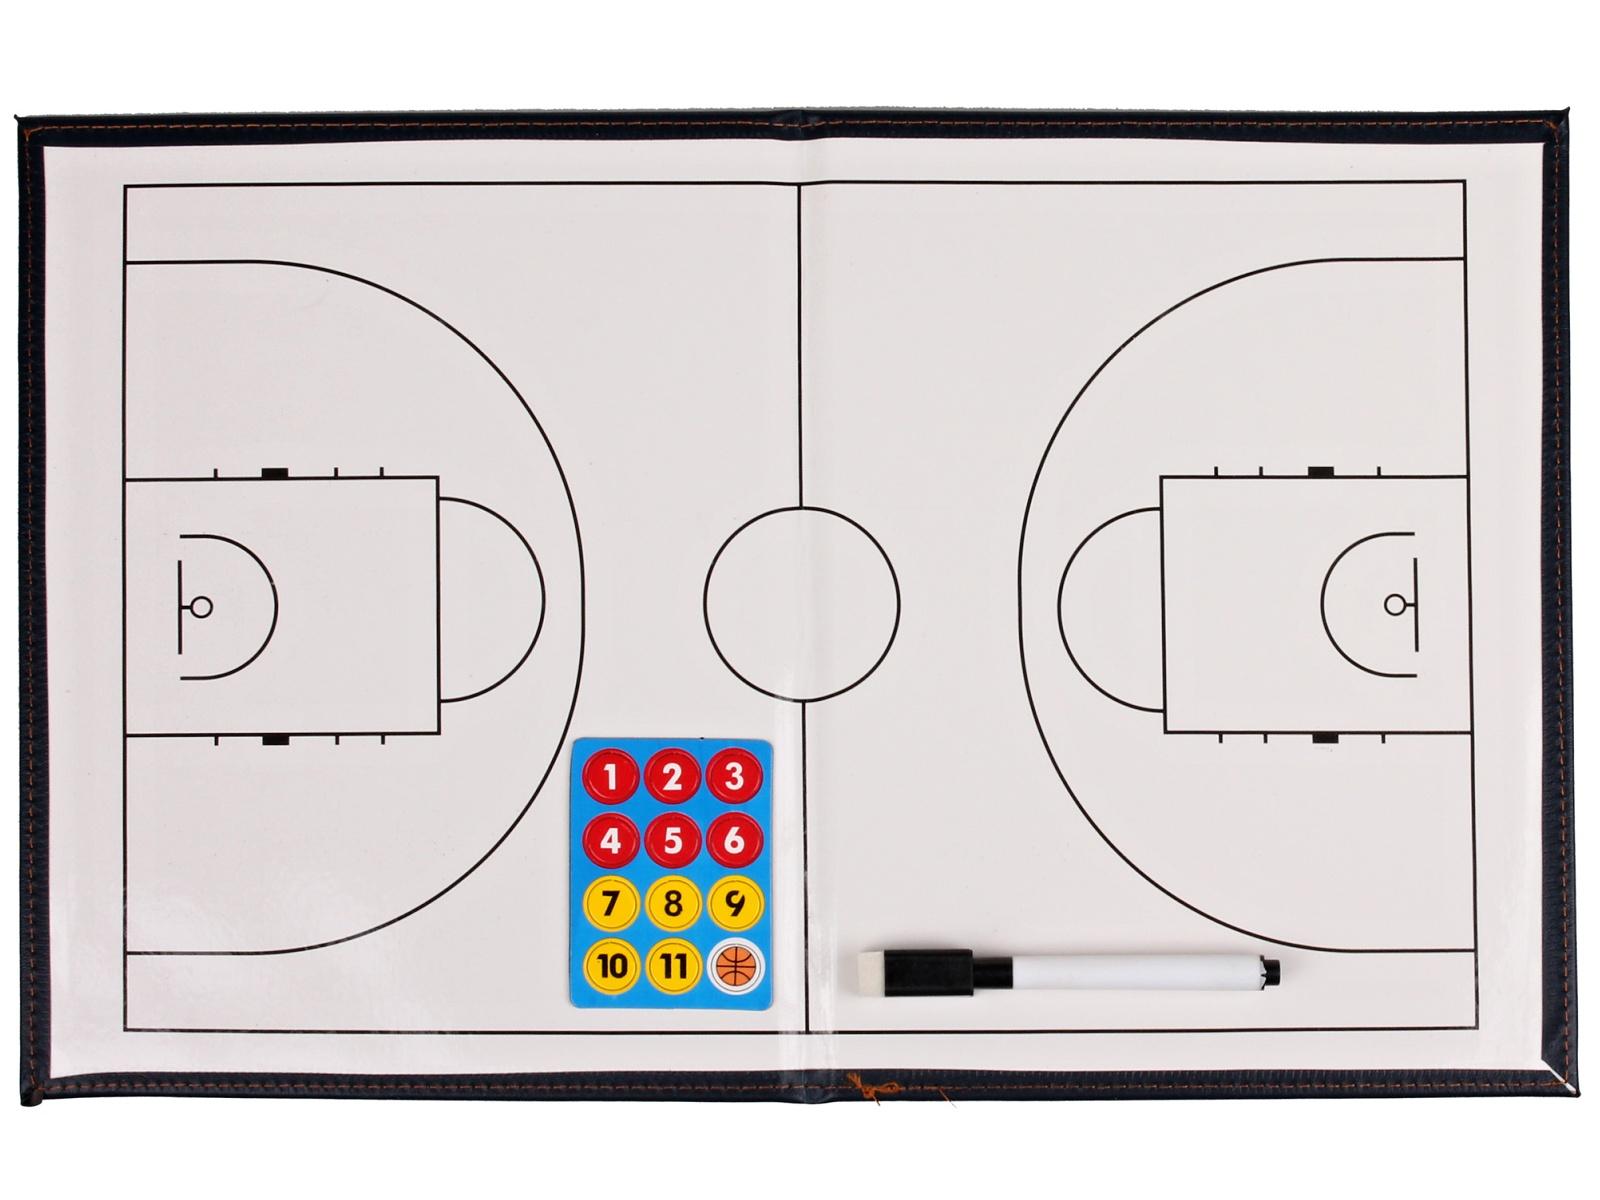 Basketbalová trenérská tabule, magnetická